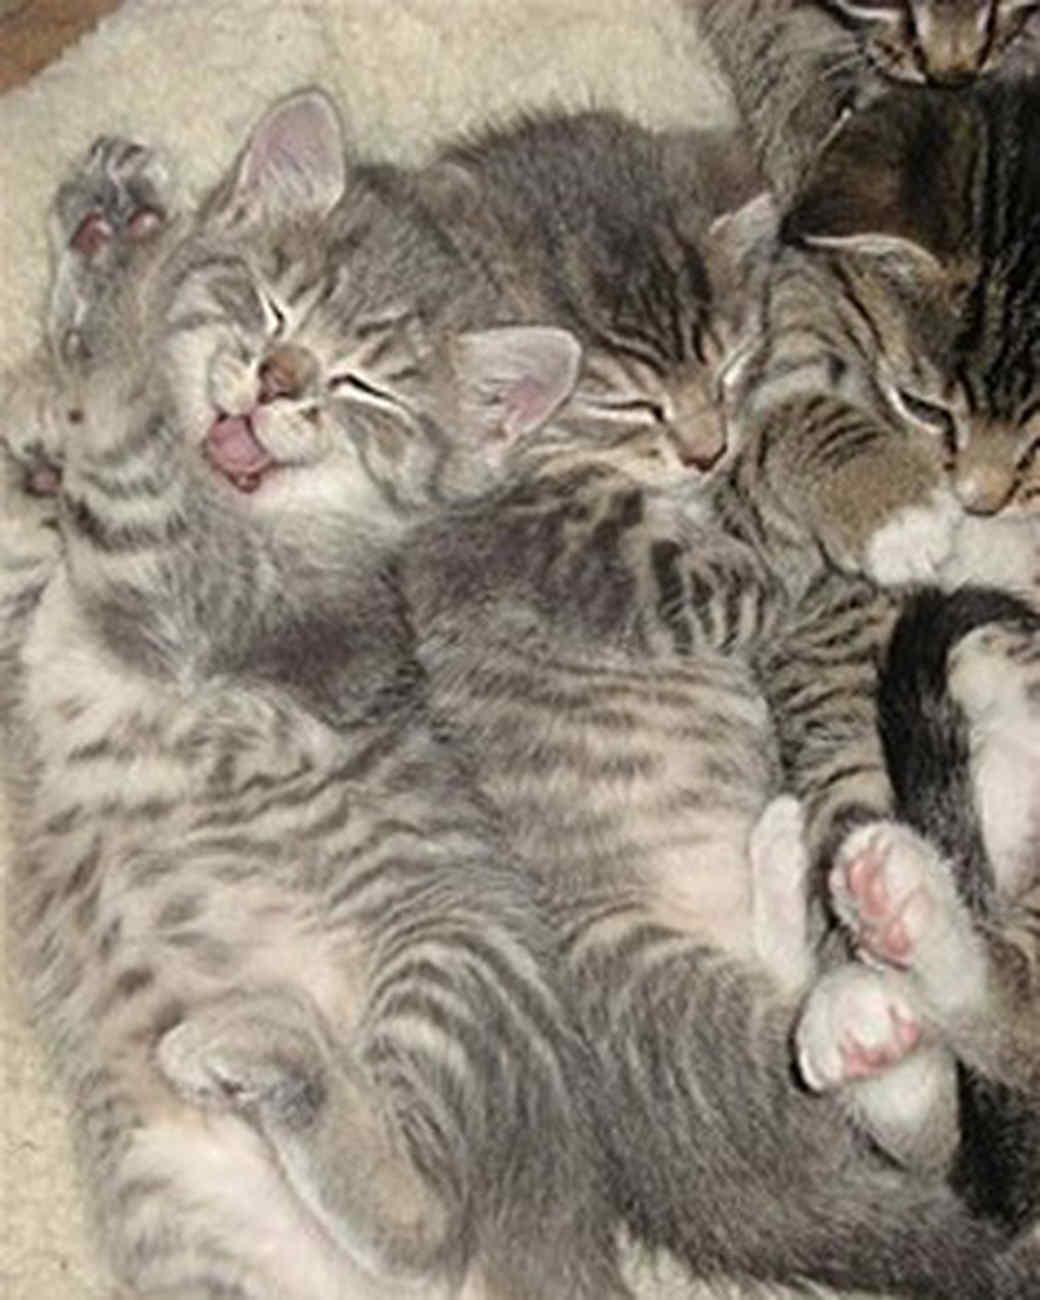 pets_kittens_0710_9738932_18738685.jpg